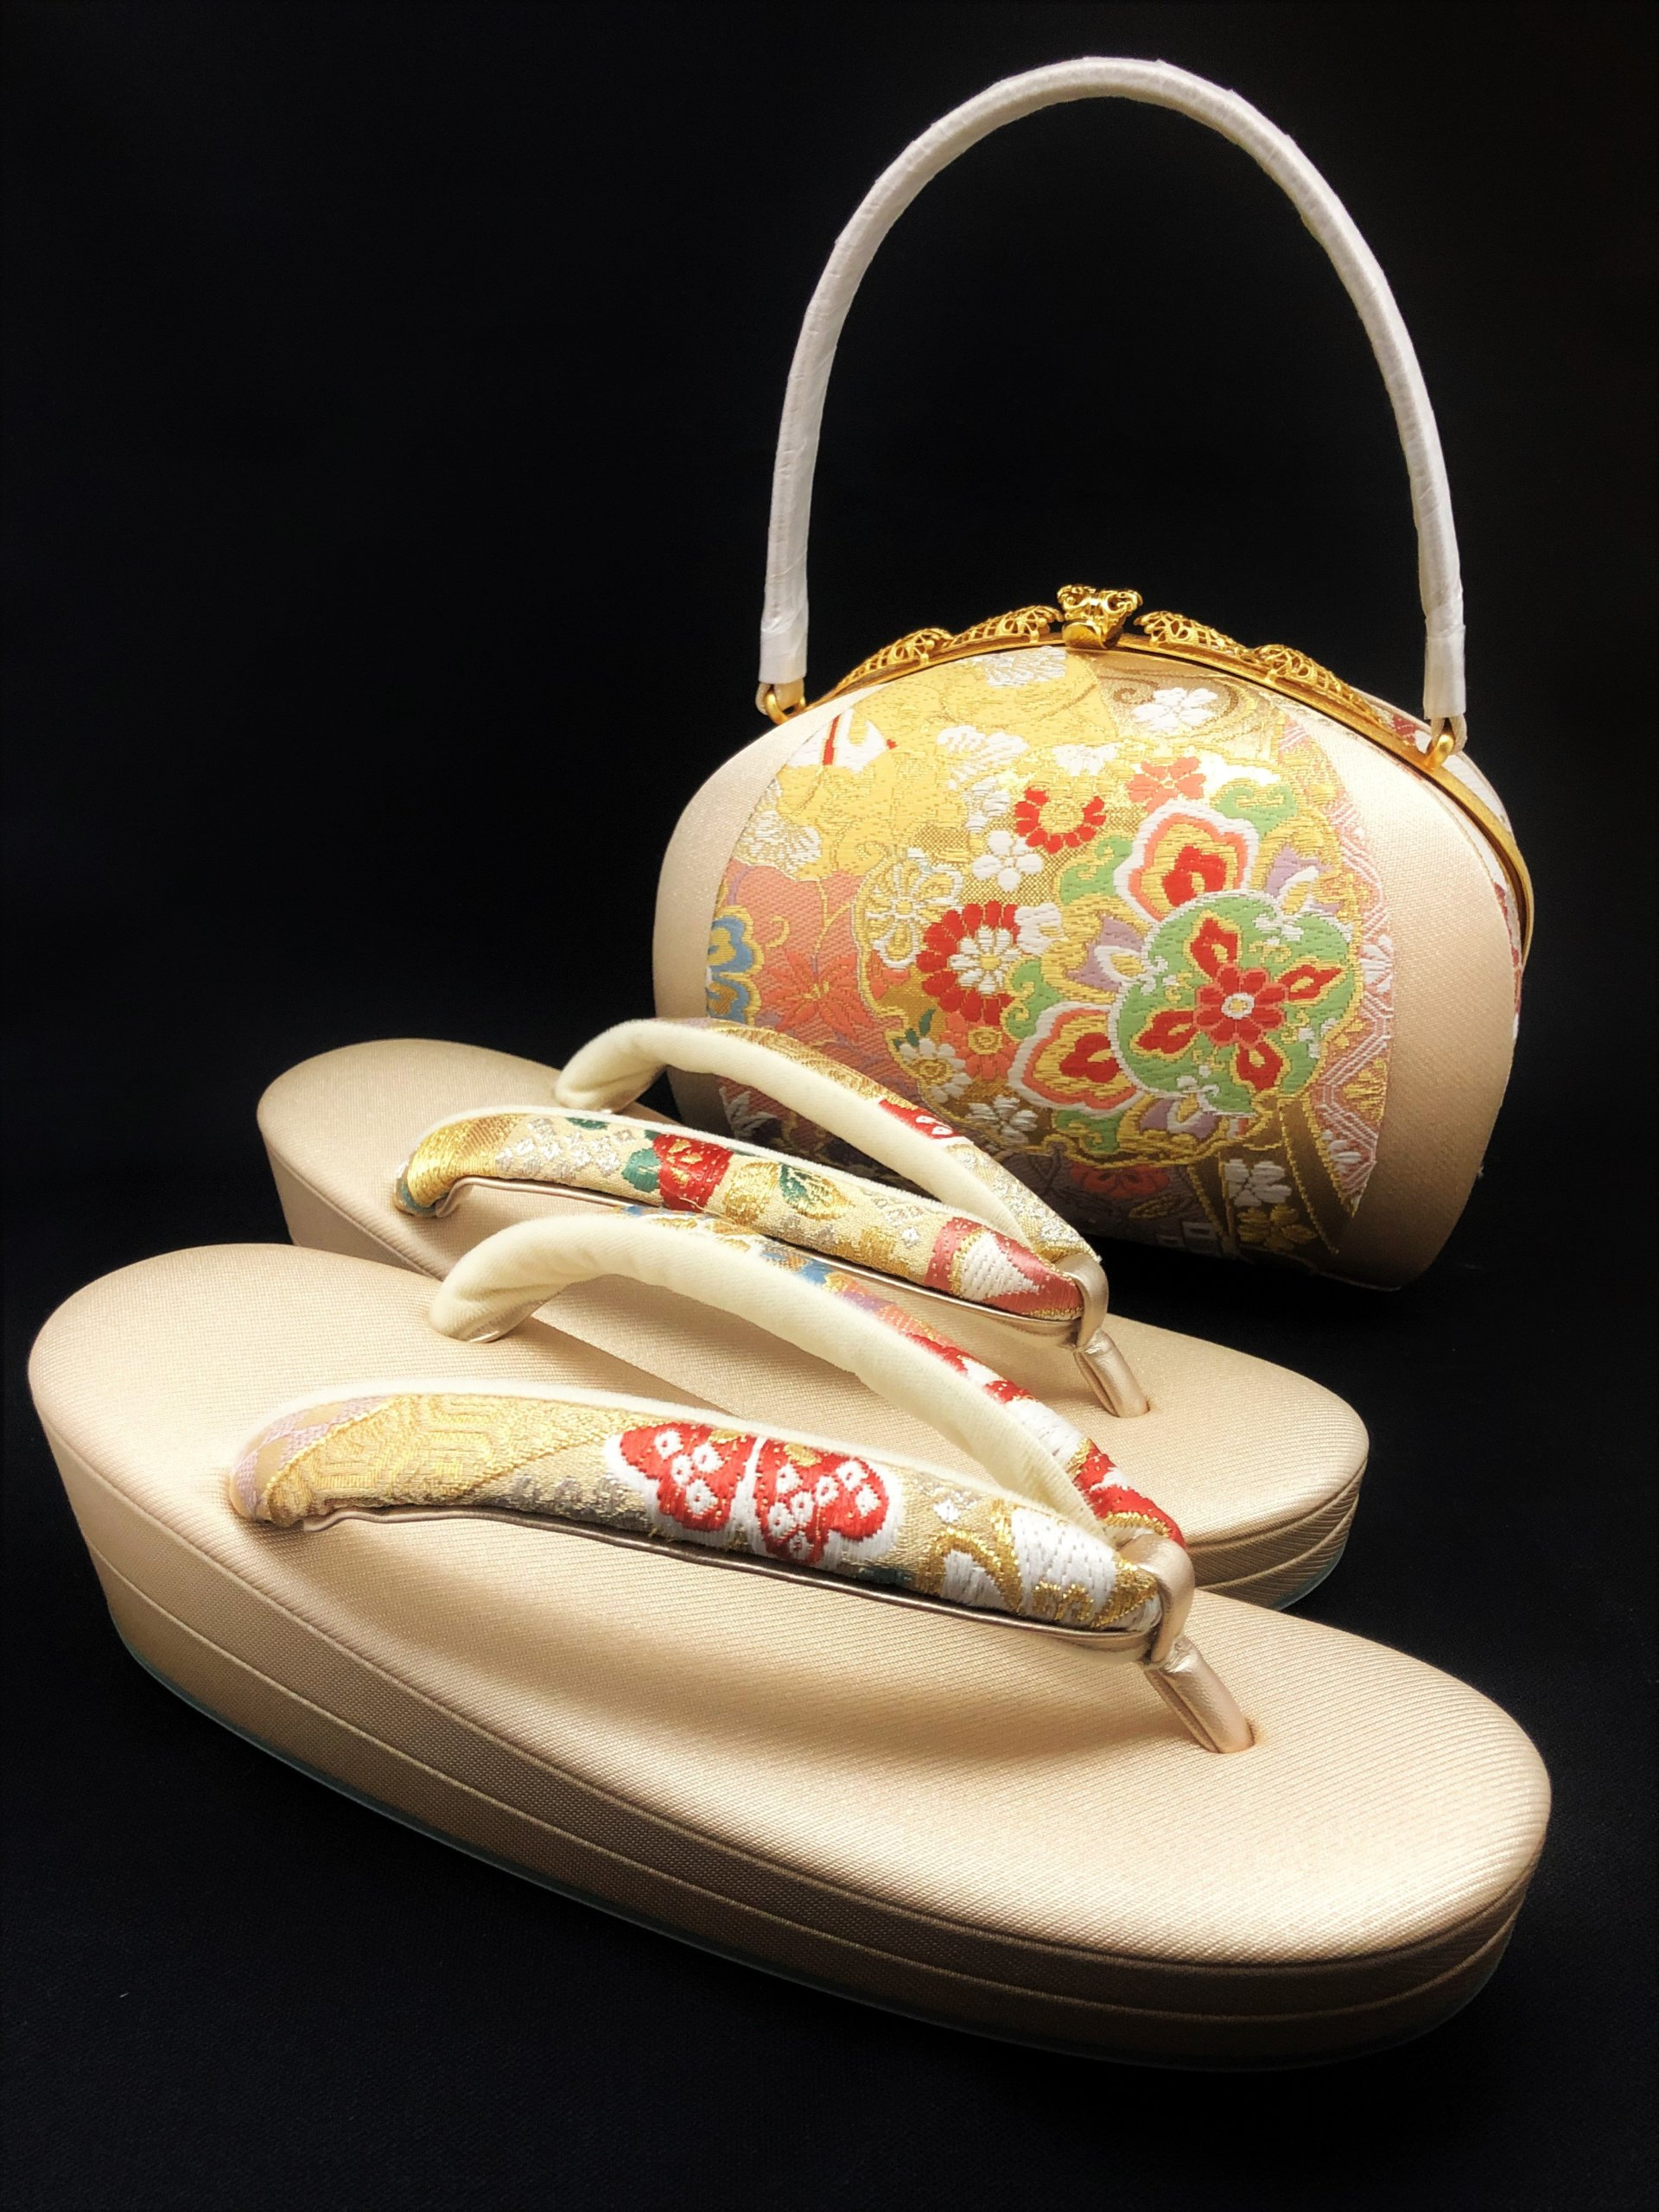 [女物]フォーマル草履&バッグセット